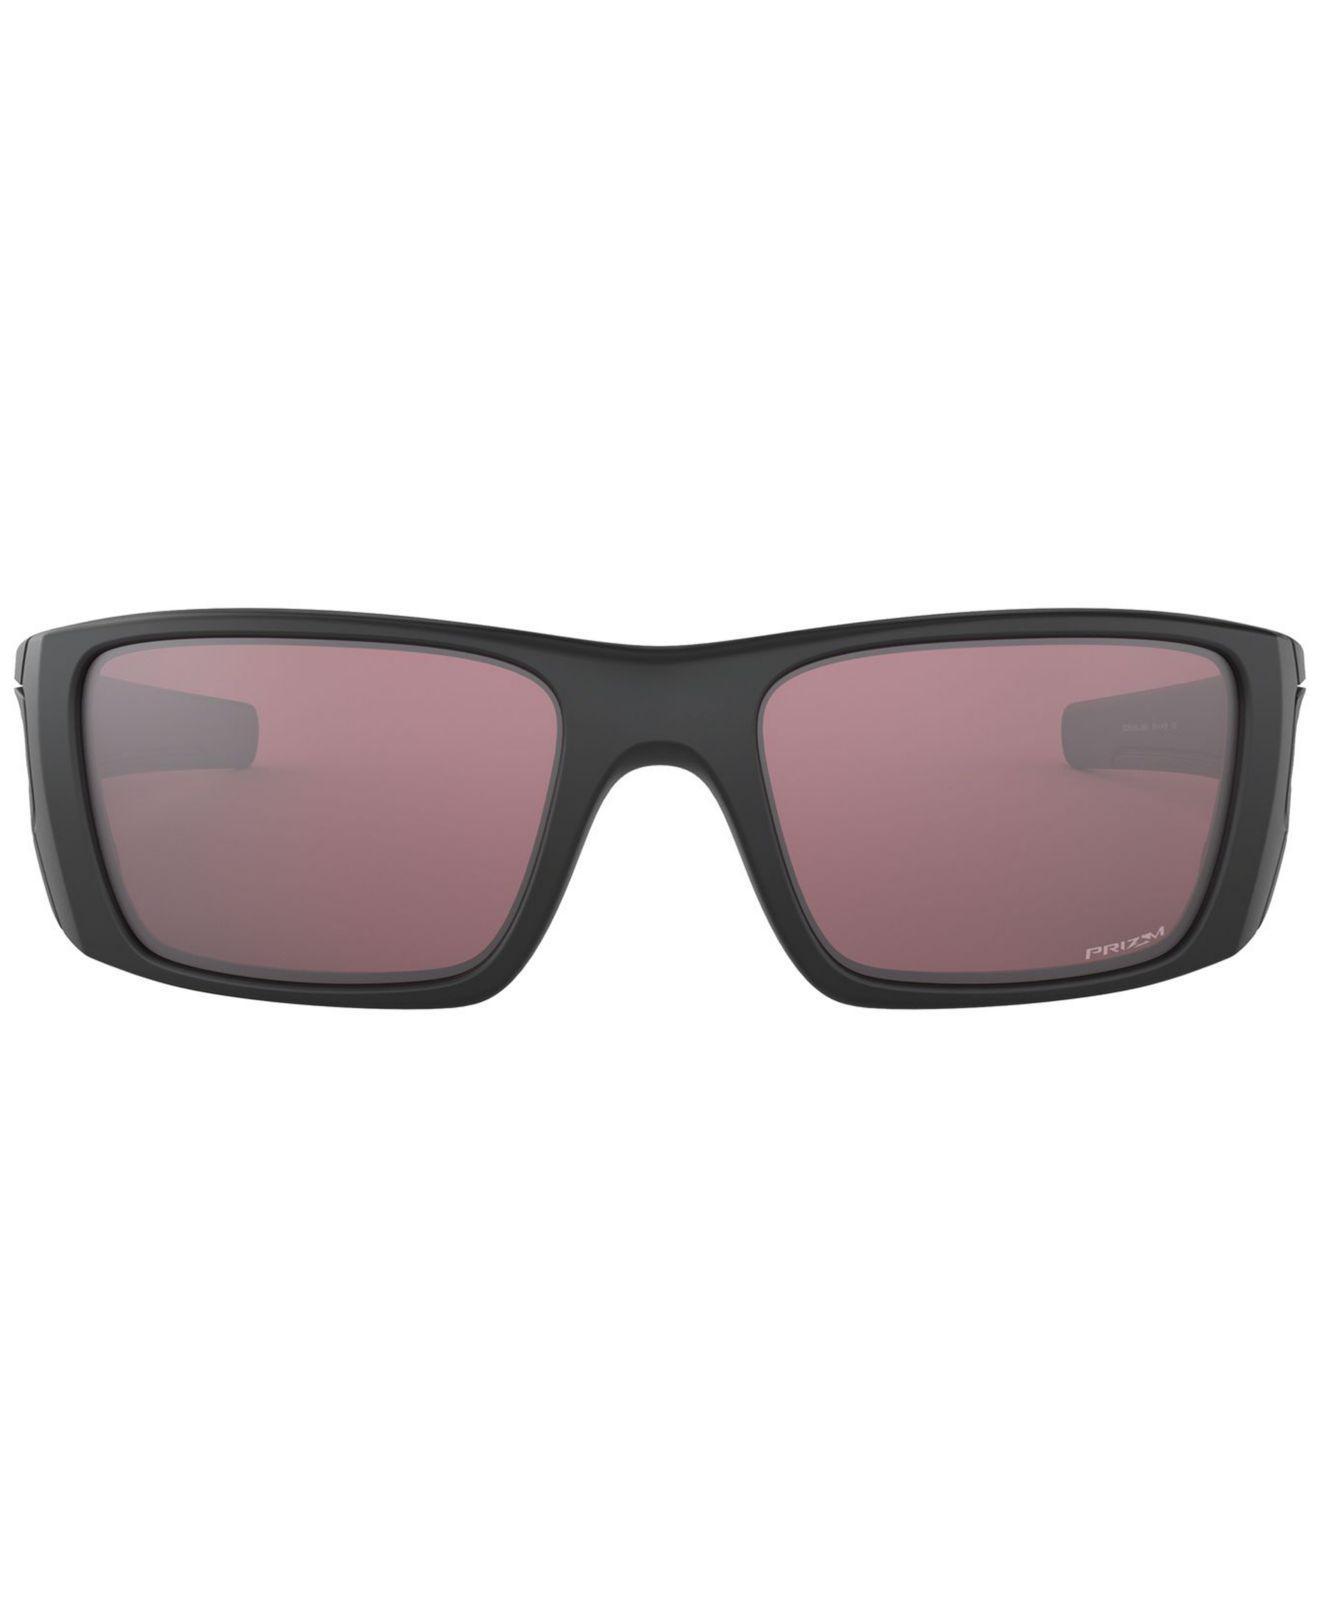 45c78a1e3b4 Lyst - Oakley Sunglasses